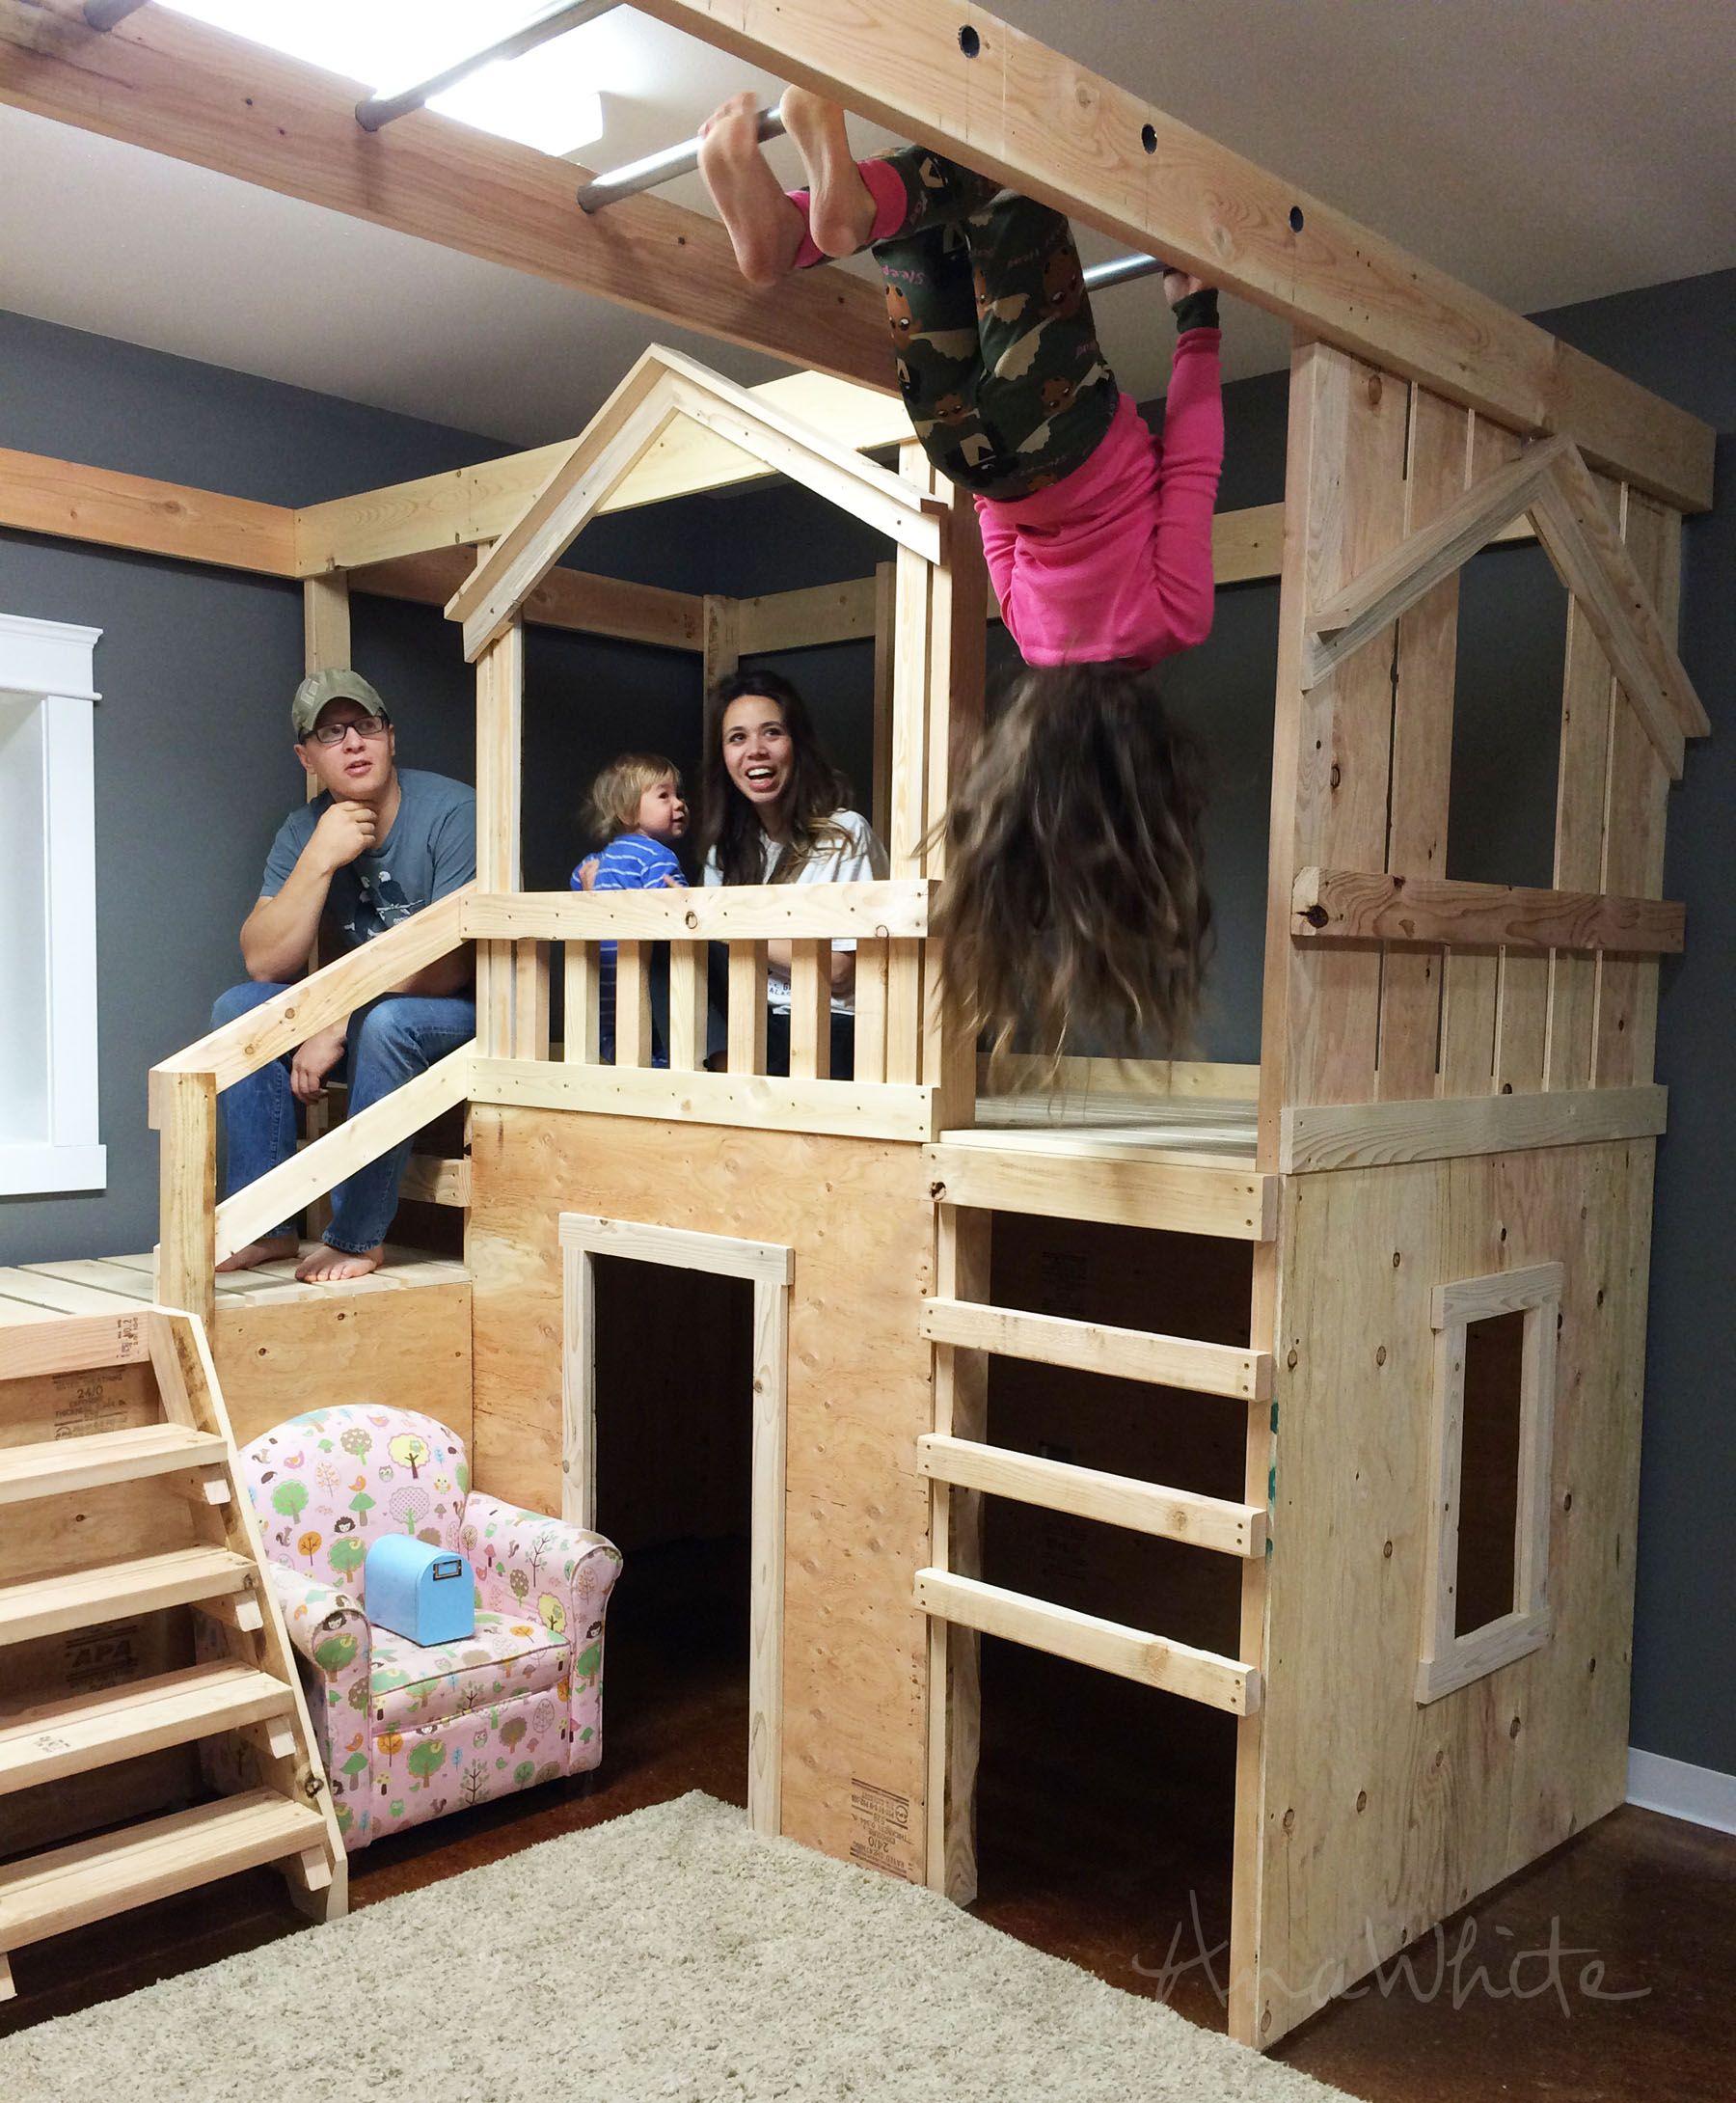 DIY Basement Indoor Playground with Monkey Bars Indoor